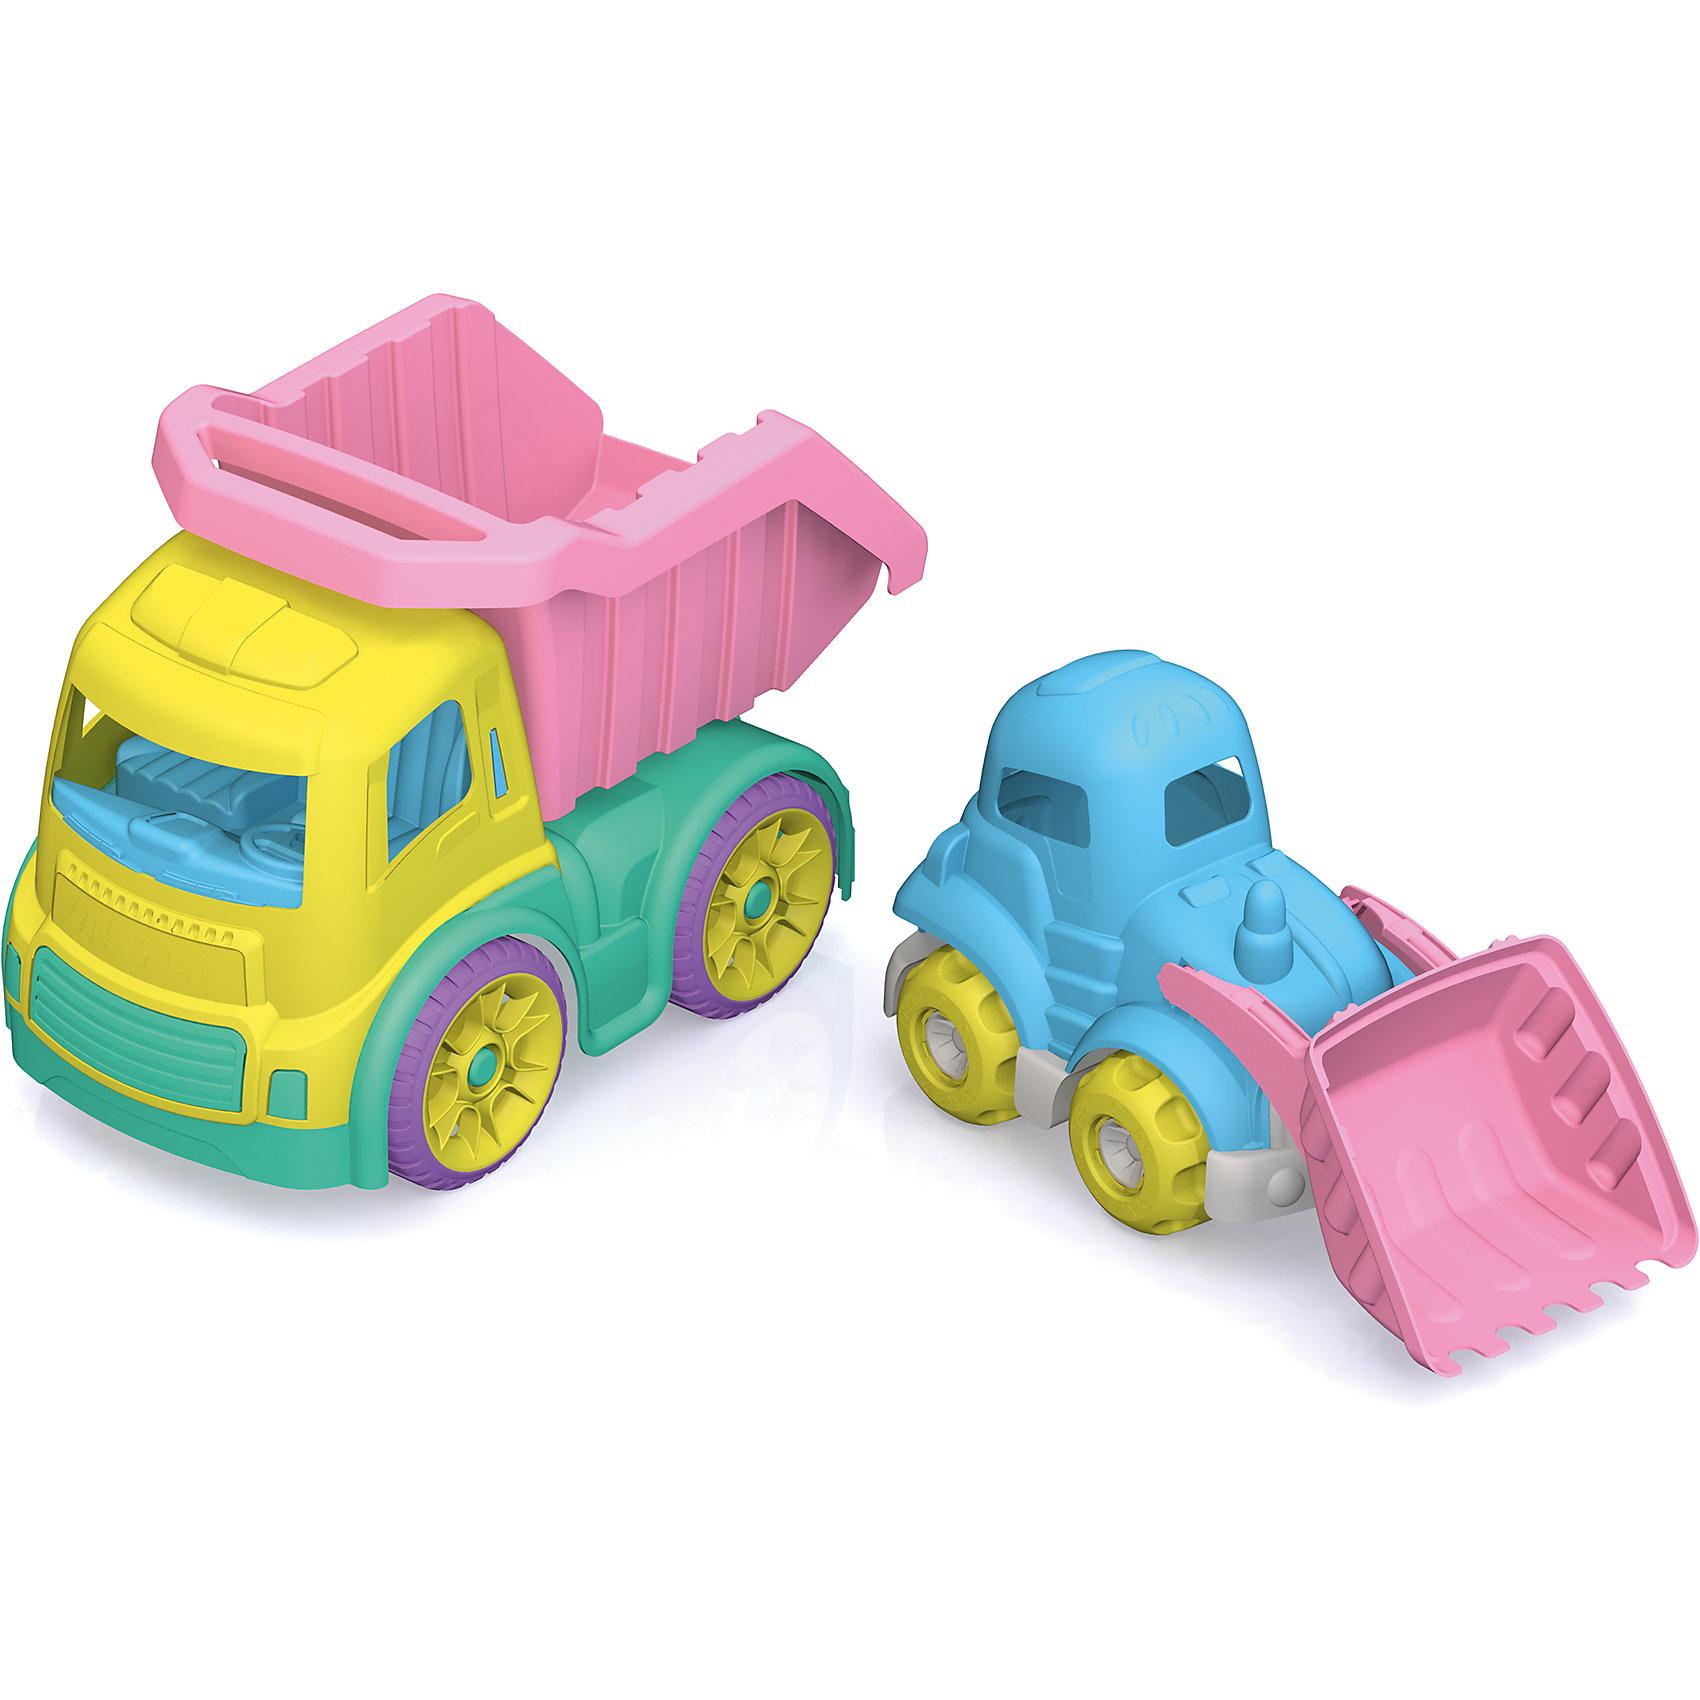 Набор машинок, ШкодаУникальные игрушки из пластмассы нового поколения, в производстве использованы очень яркие цвета и новые дизайнерские решения.<br><br>Дополнительная информация:<br><br>Грузовик из серии Моя любимая машинка:<br><br>- размеры: (40,5*23*28,5)<br>- функциональный кузов который способен перевозить любимые игрушки, регулируется в двух положениях.<br><br>Трактор из серии Моя любимая машинка:<br><br>- размеры: (37*16,5*20), <br>- регулируемый ковш в трех положениях.<br><br>Набор машинок, Шкода можно купить в нашем магазине.<br><br>Ширина мм: 415<br>Глубина мм: 230<br>Высота мм: 305<br>Вес г: 1470<br>Возраст от месяцев: 36<br>Возраст до месяцев: 72<br>Пол: Унисекс<br>Возраст: Детский<br>SKU: 4104904